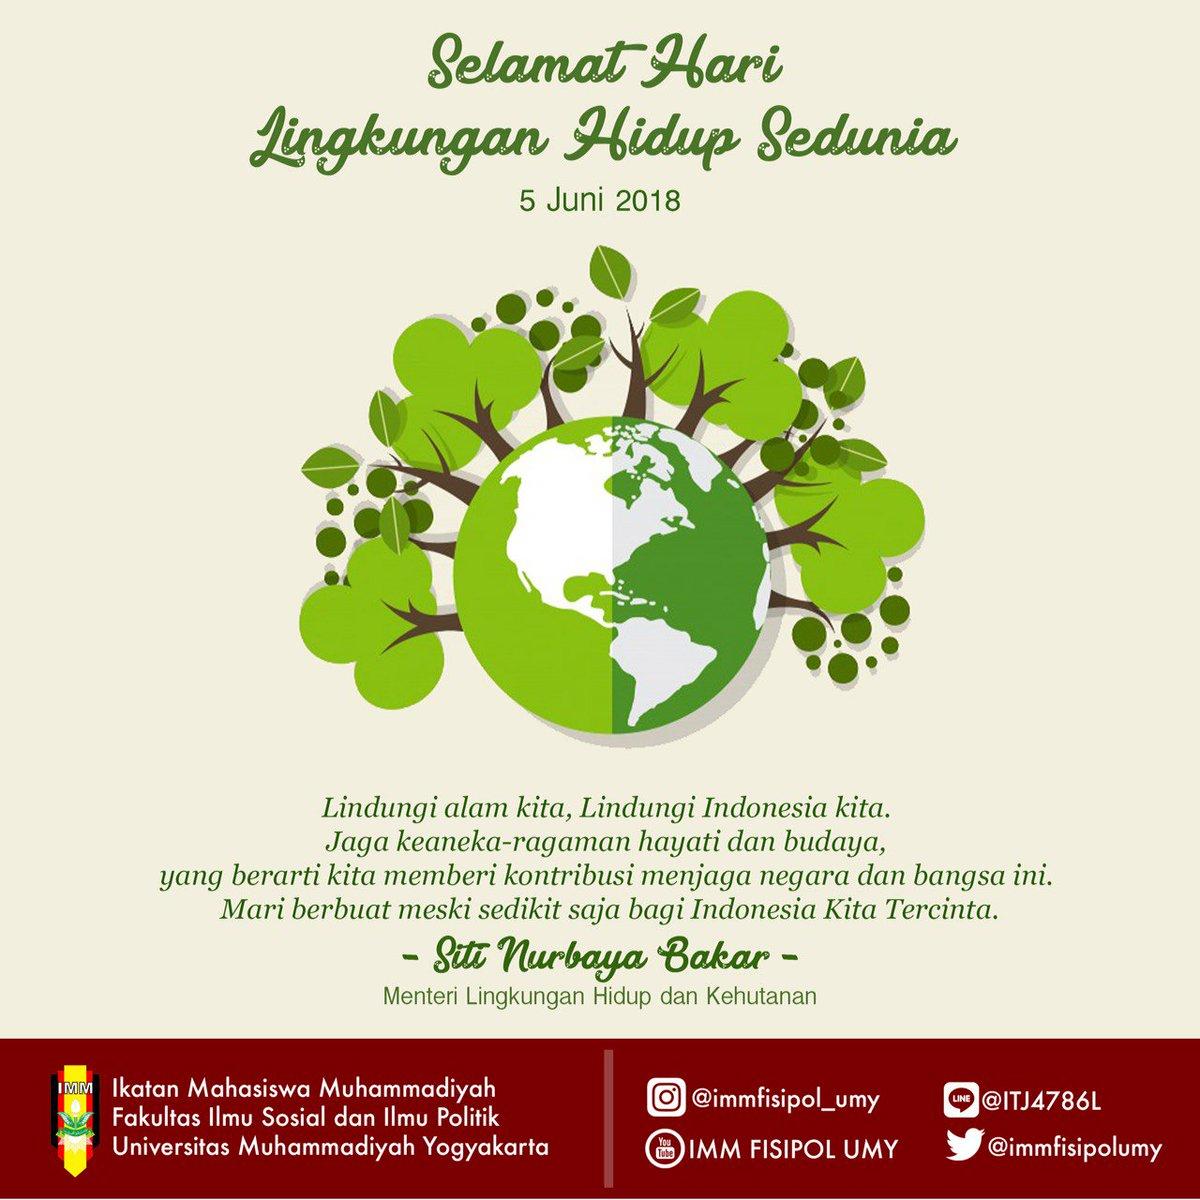 Imm Fisipol Umy On Twitter Selamat Hari Lingkungan Hidup Sedunia